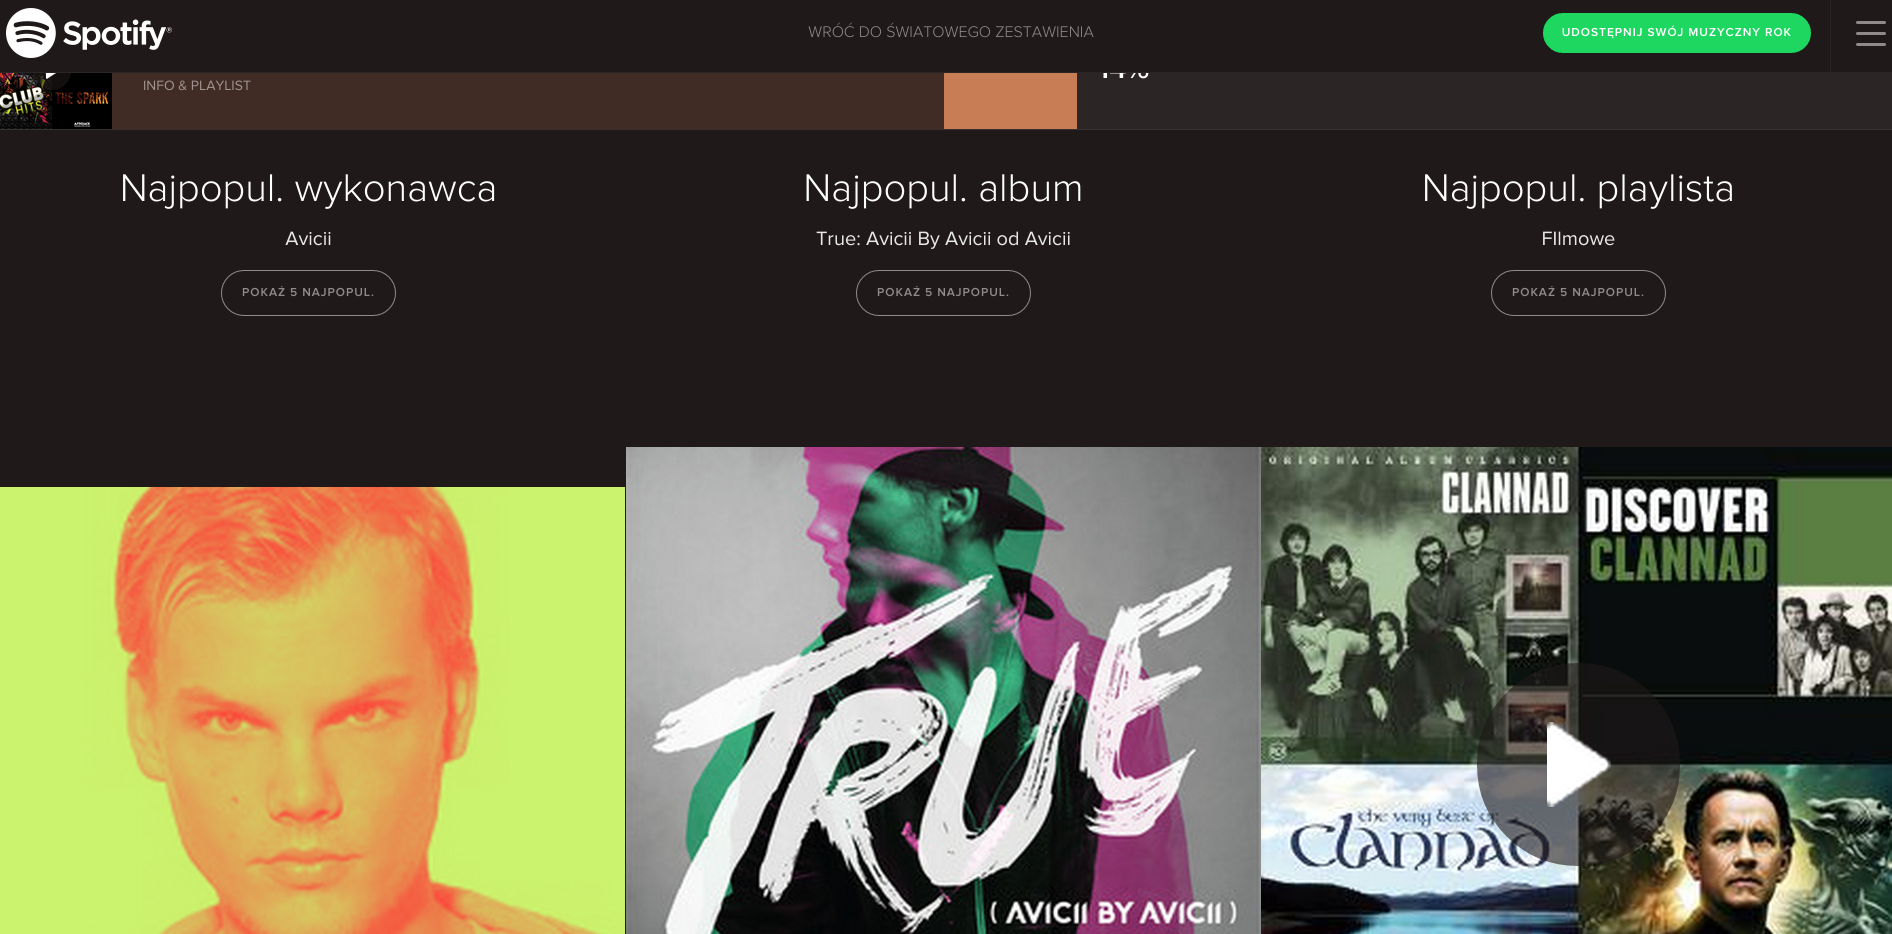 screenshot-www.spotify-yearinmusic.com 2014-12-05 19-32-57